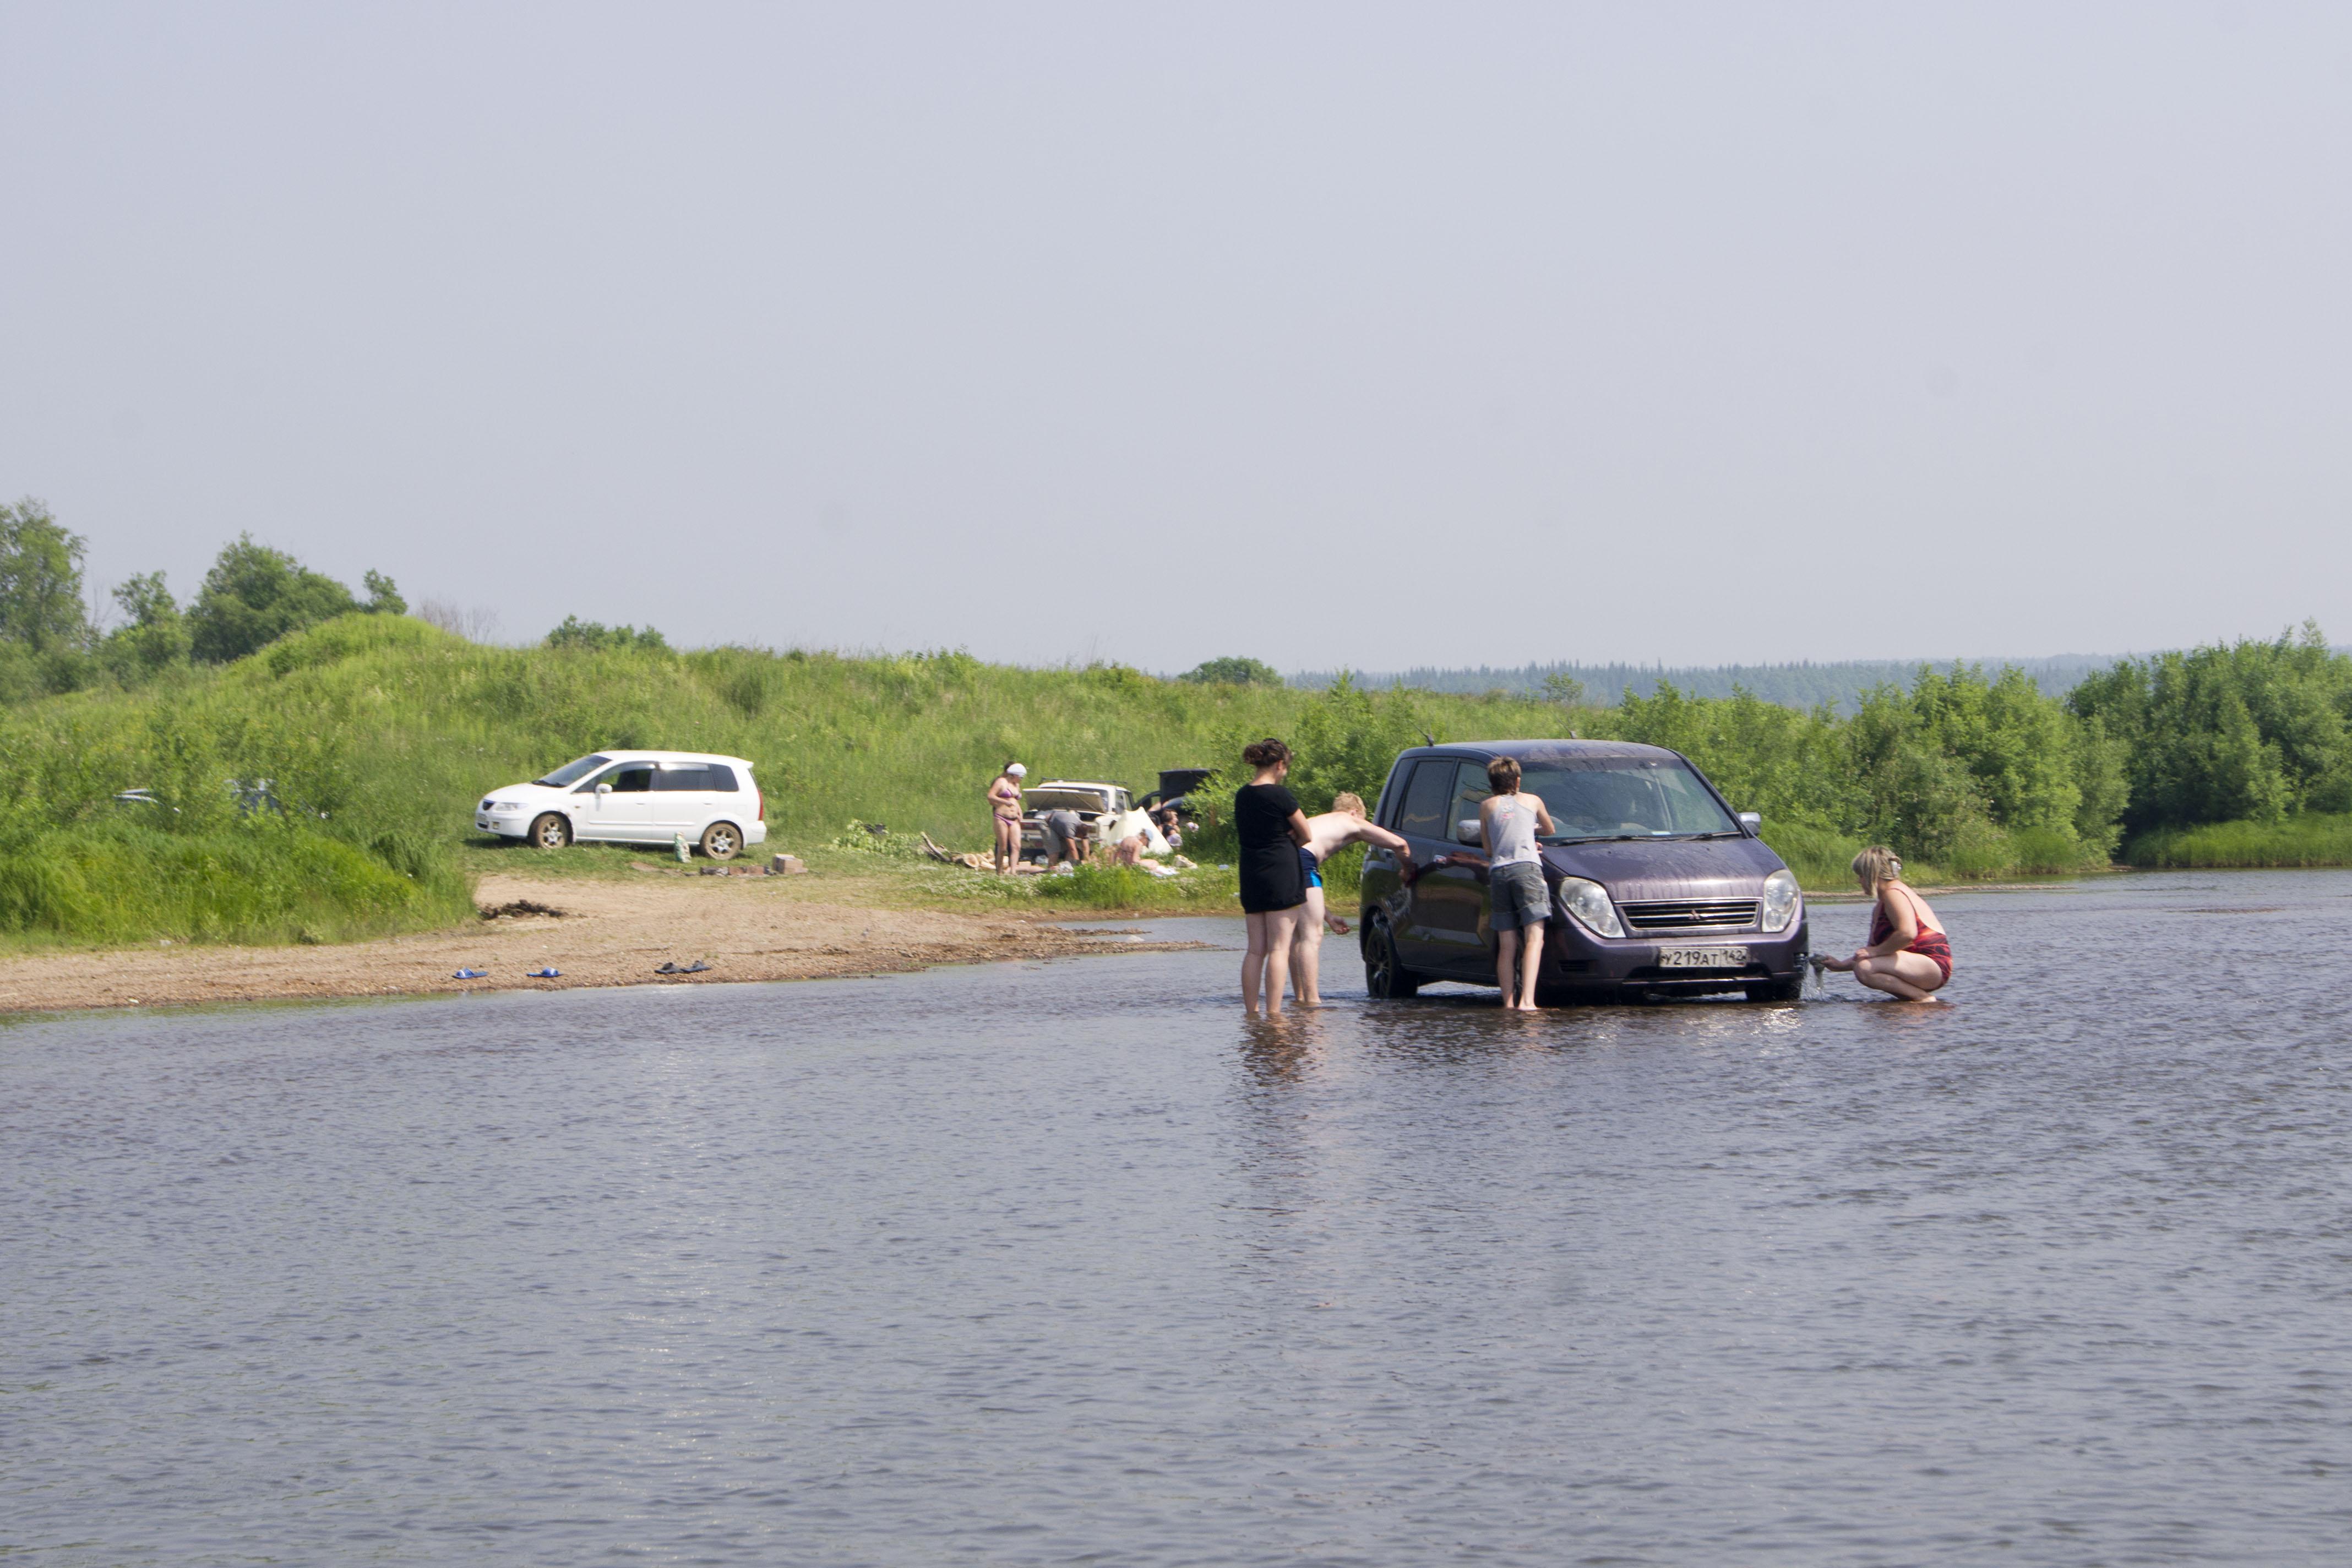 В результате ДТП авто с людьми сорвался в реку